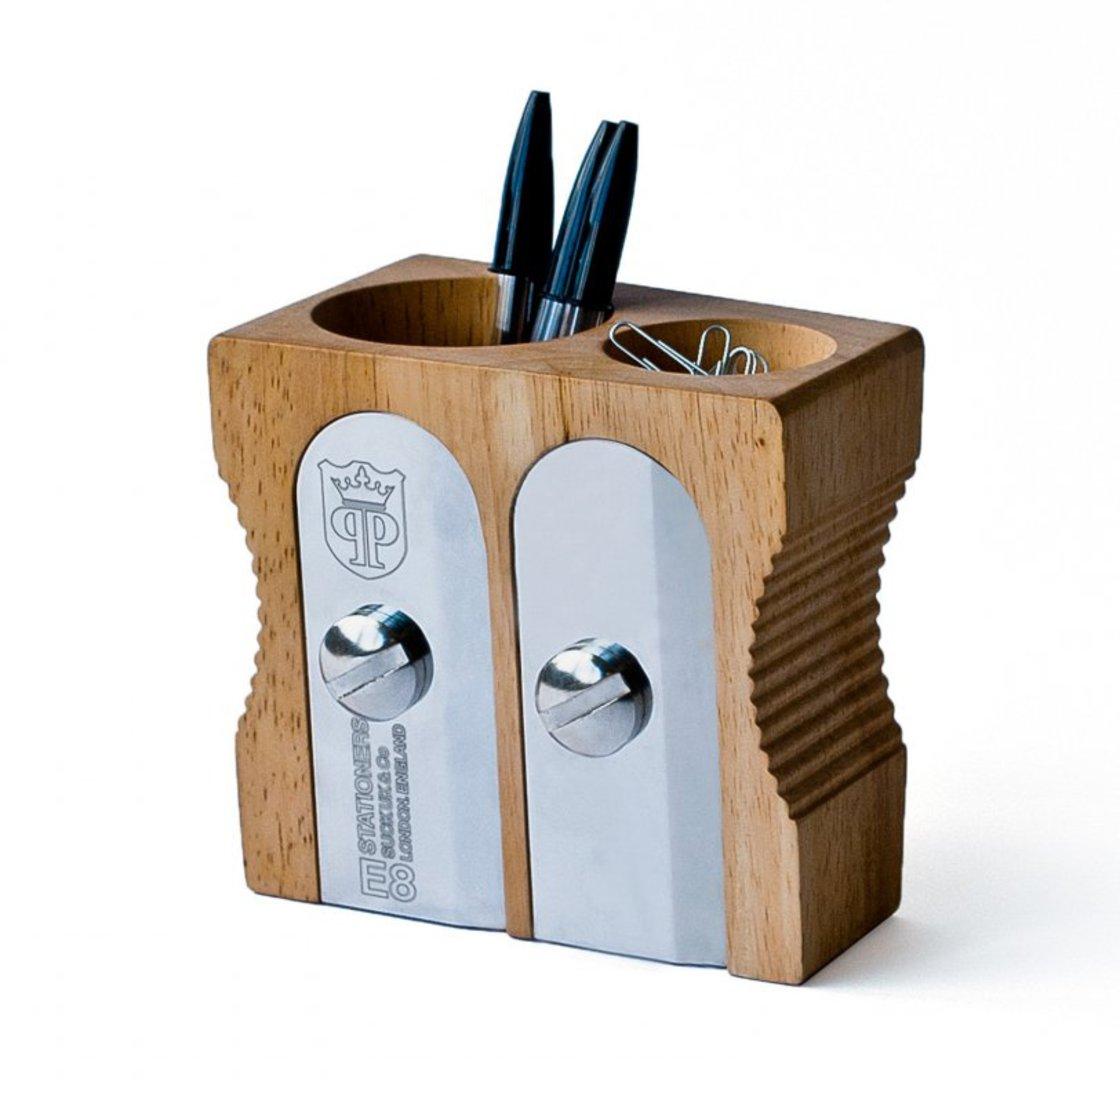 Stifthalter for Oggettistica per la casa design